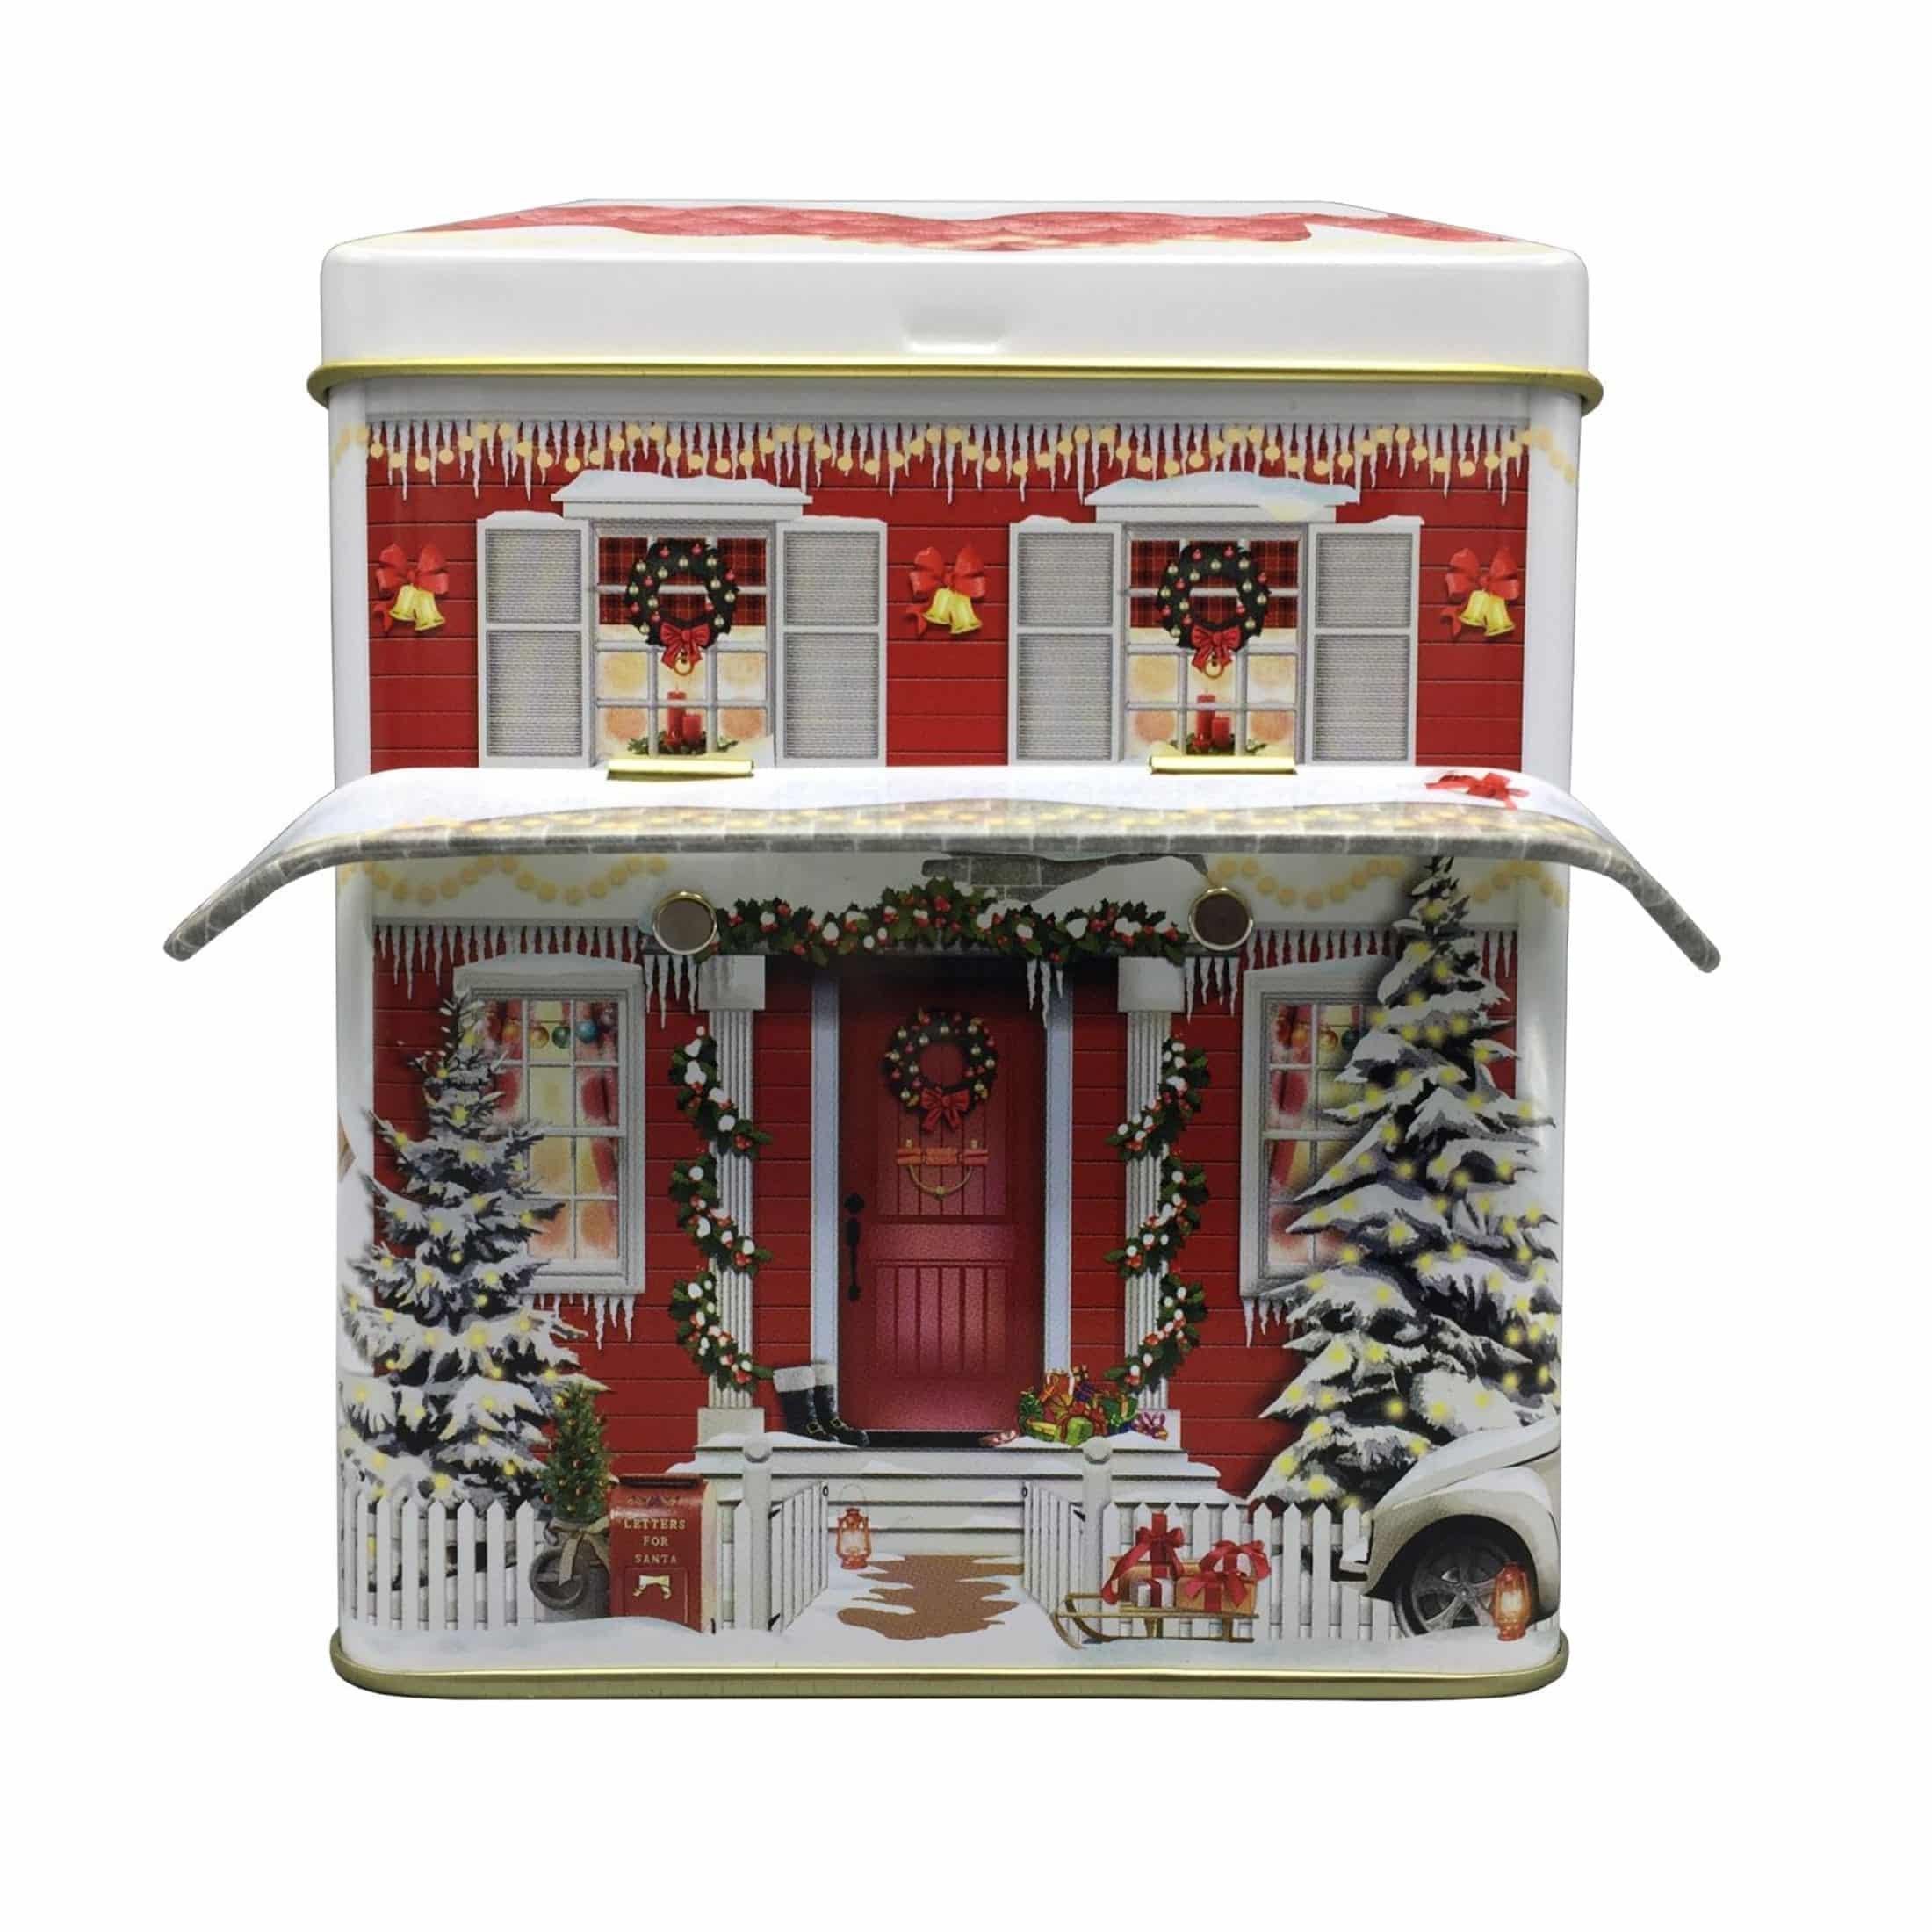 Blechdose für Kekse und die Weihnachtsbäckerei in Form eines Hauses ♥ Entdecke die besonderen Keksdosen für die Plätzchen und weitere Motive ♥ Onlineshop